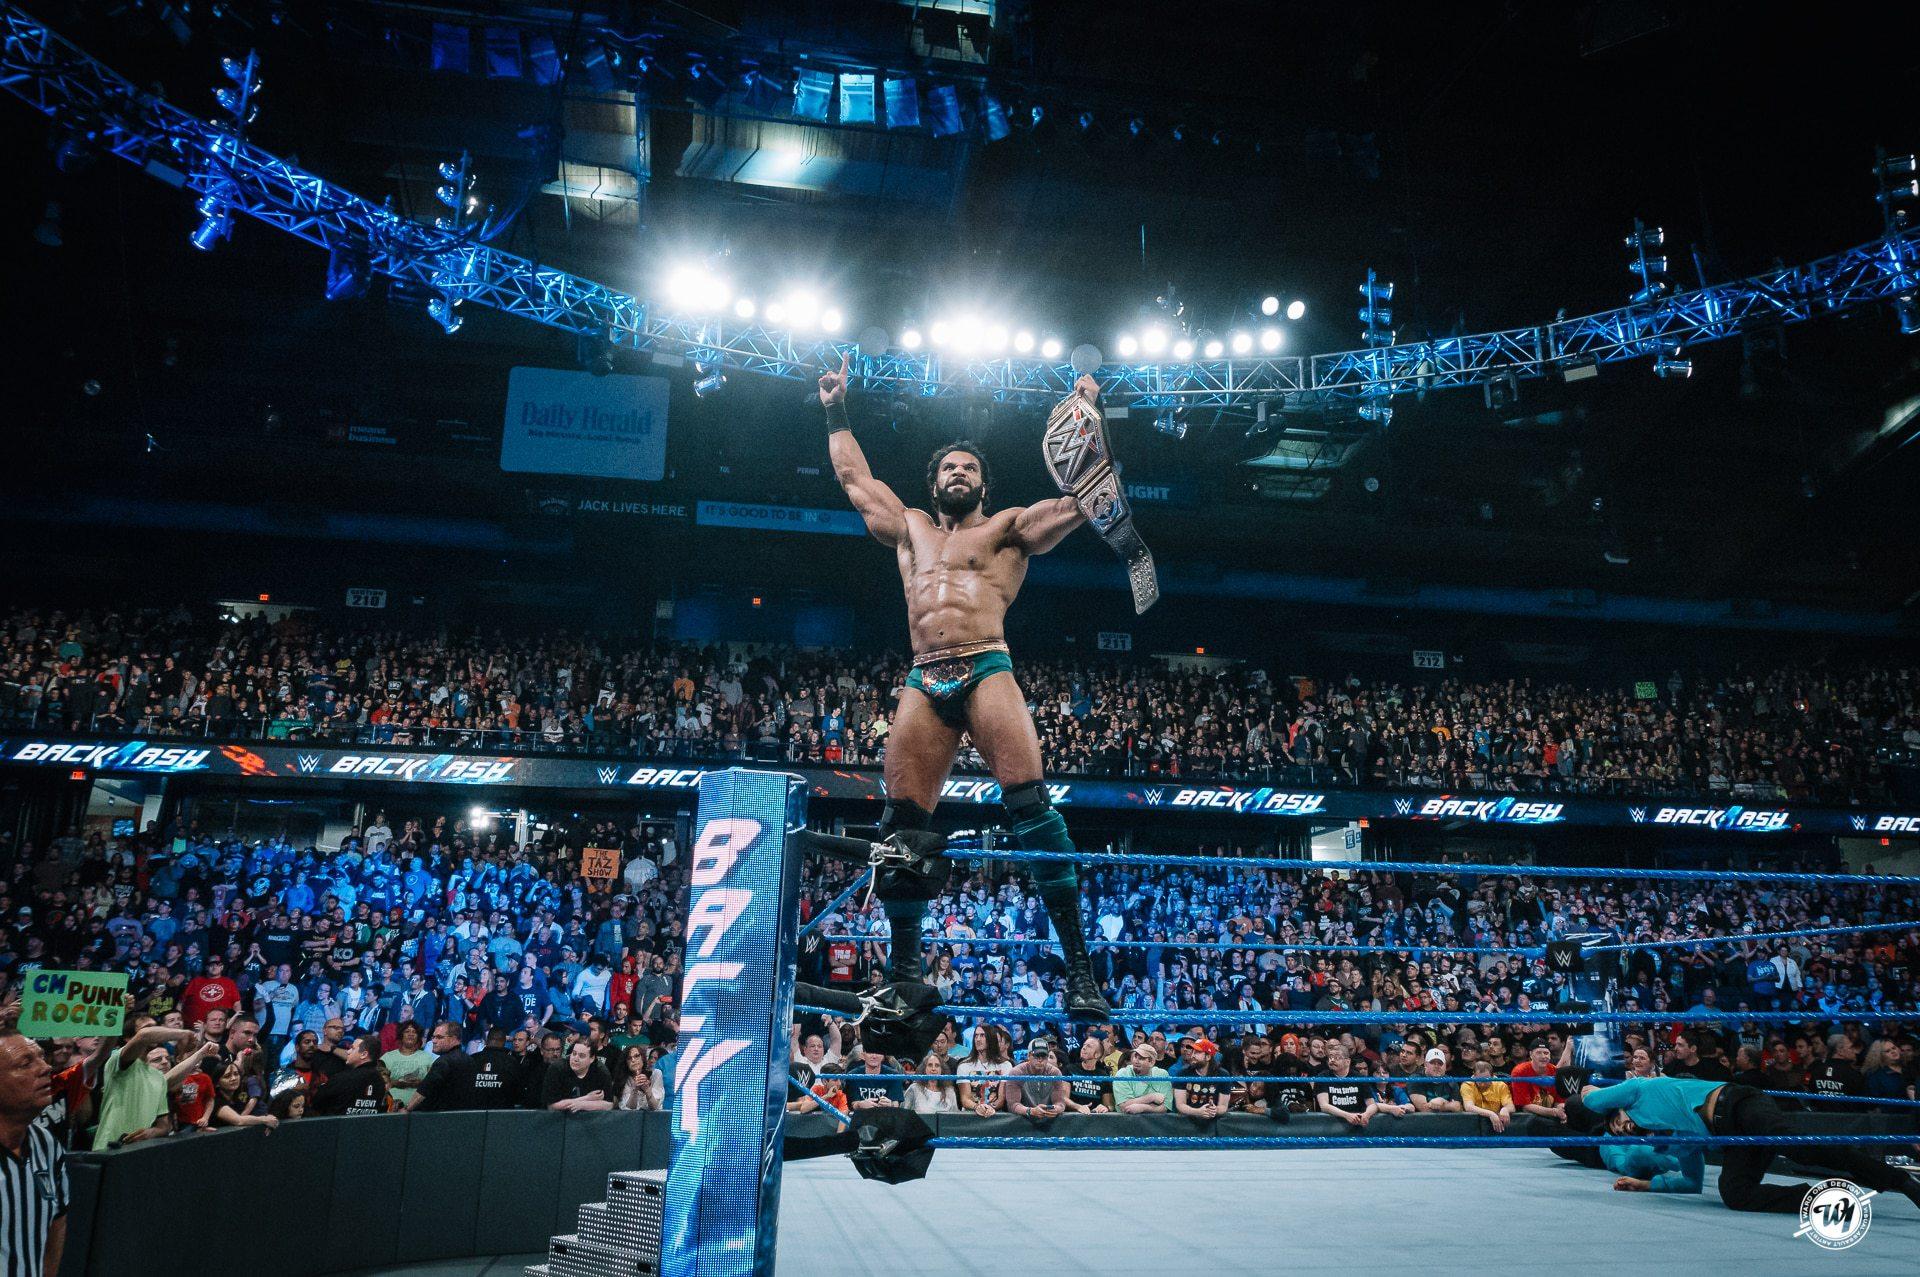 WWE Champion Jinder Mahal at Backlash 2017